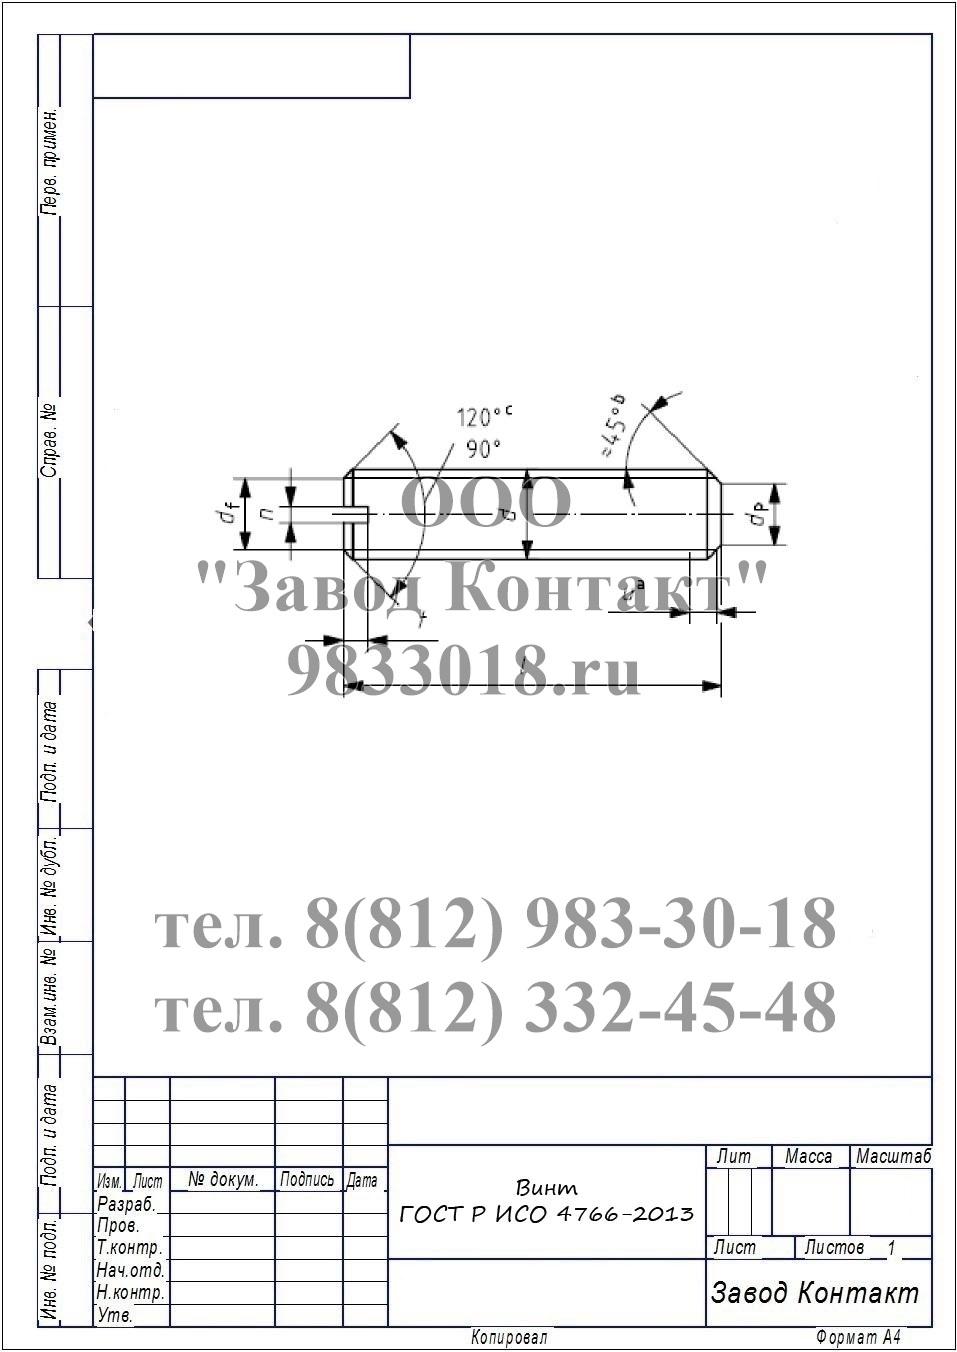 Гост р исо 4766-2013 винты установочные со шлицем и плоским концом.